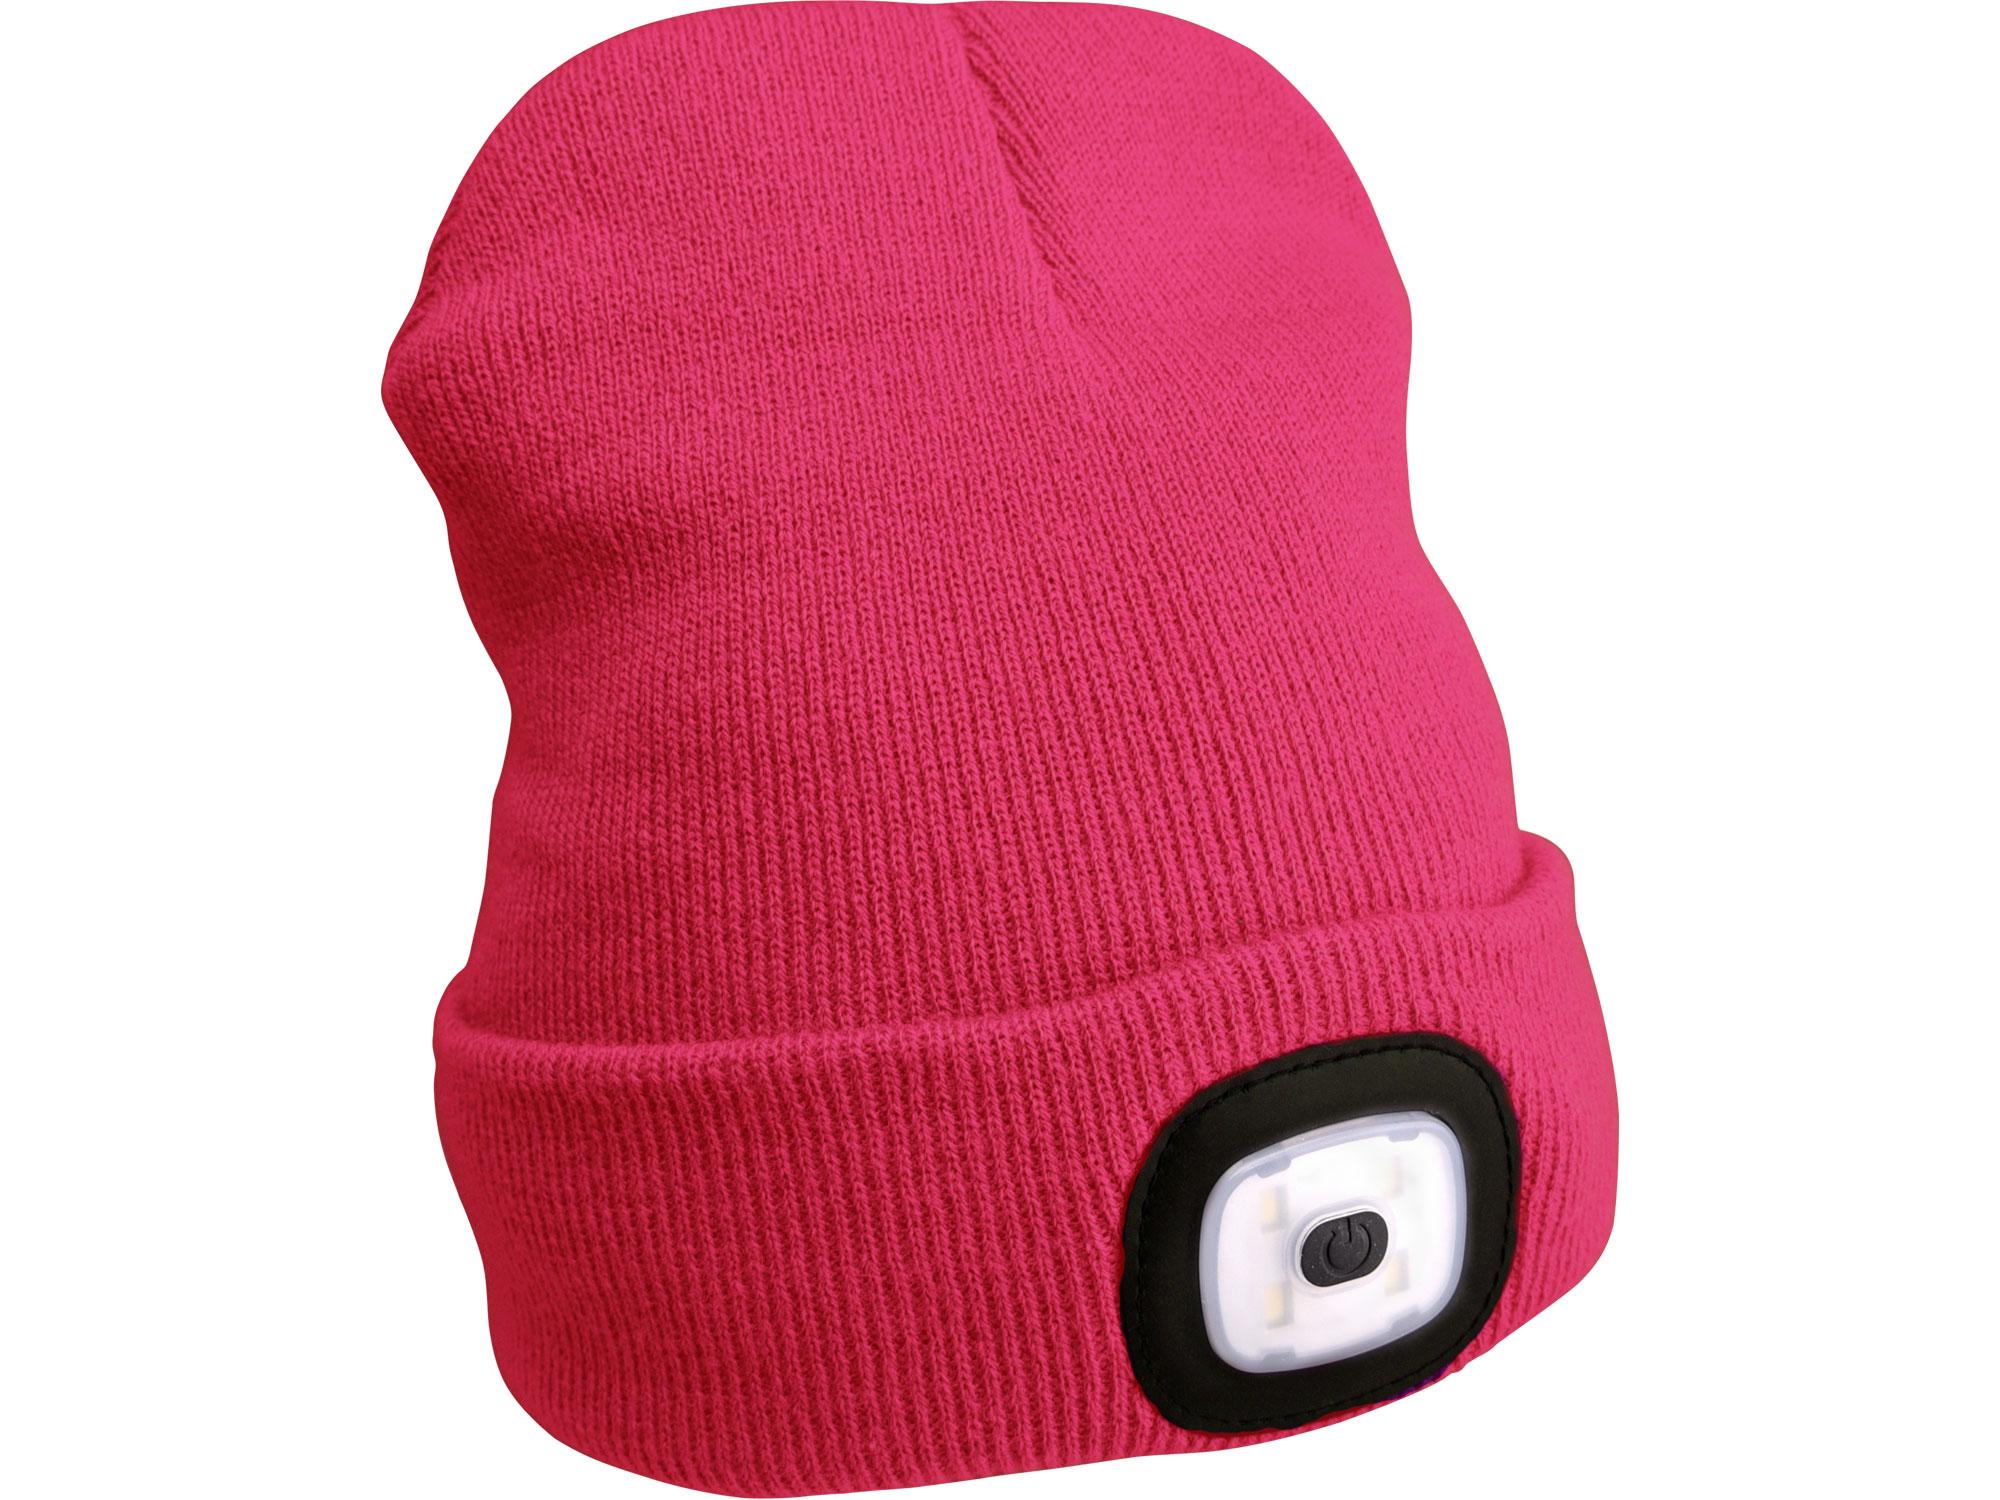 Čepice s čelovkou, nabíjecí, USB, růžová, univerzální velikost EXTOL LIGHT 43193